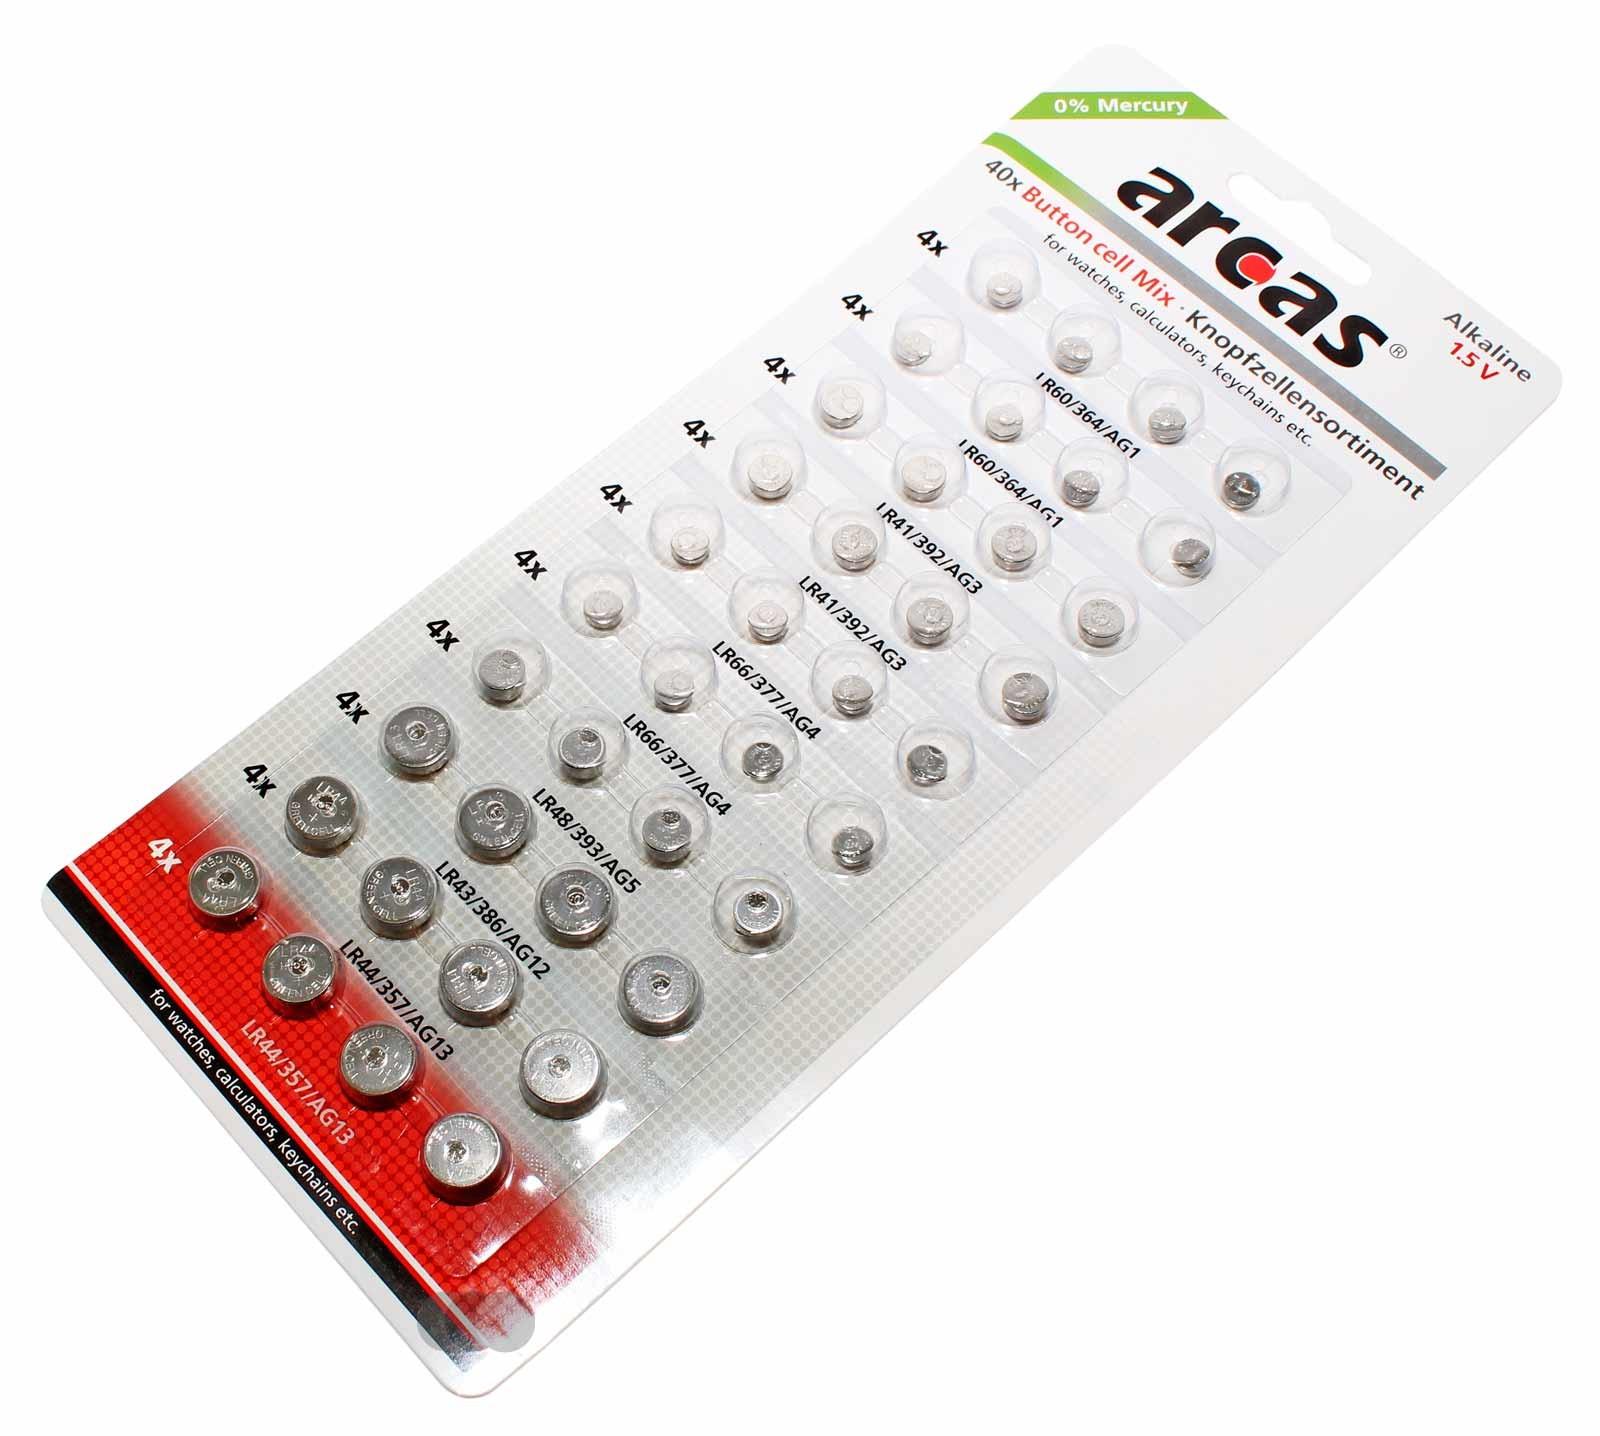 40er Pack Arcas Knopfzellen Batterie Alkaline 1,5V AG1, AG3, AG4, AG5, AG12, AG13, Uhr, Taschenrechner